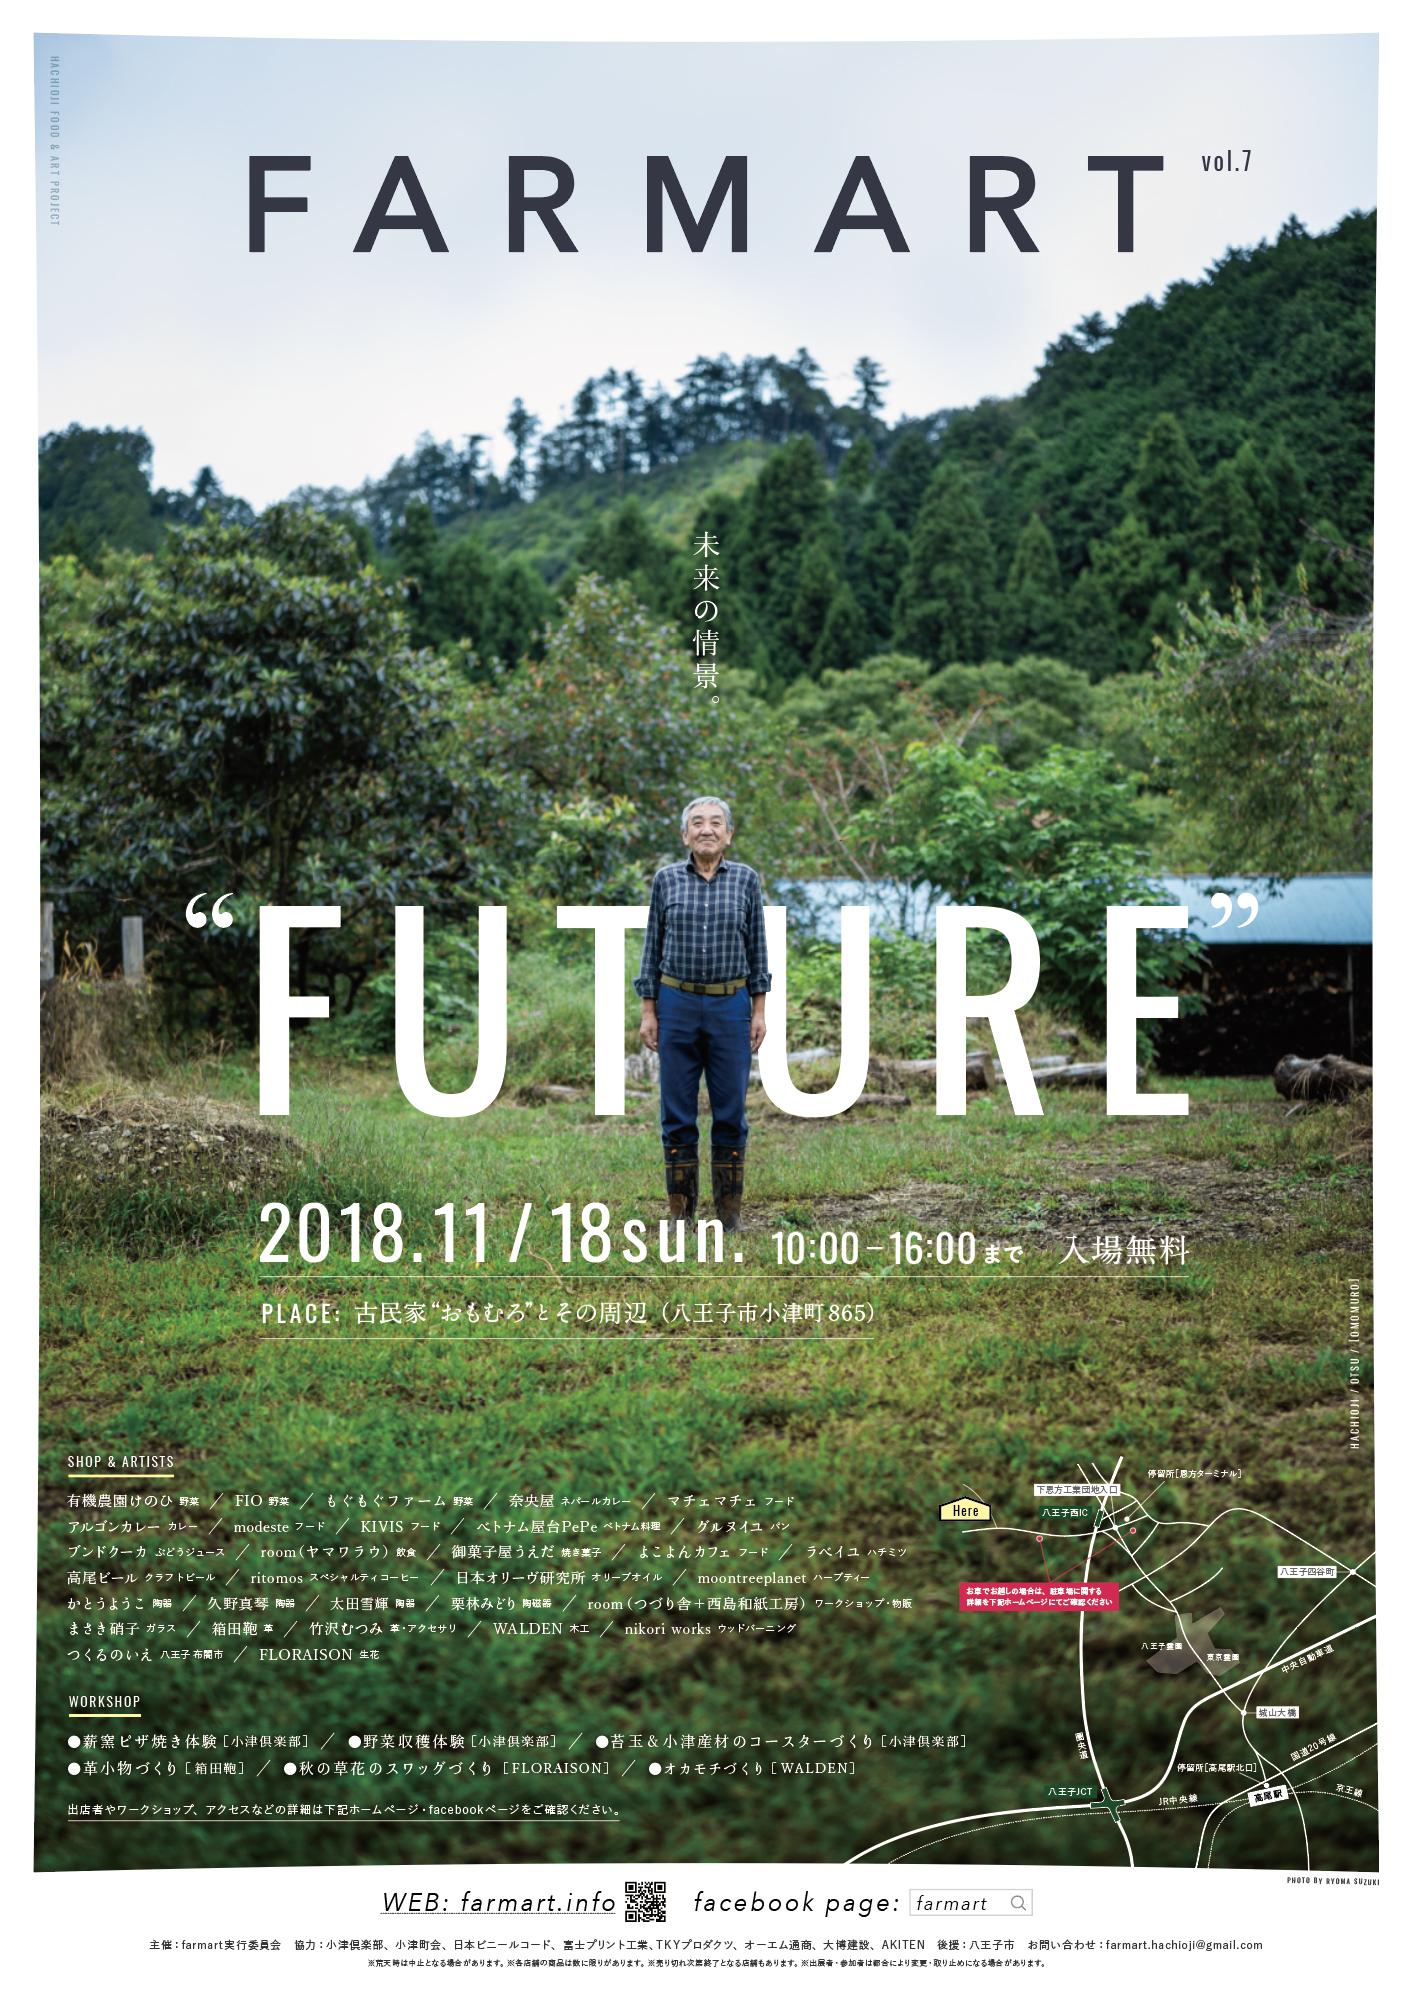 FARMART vol.7/poster